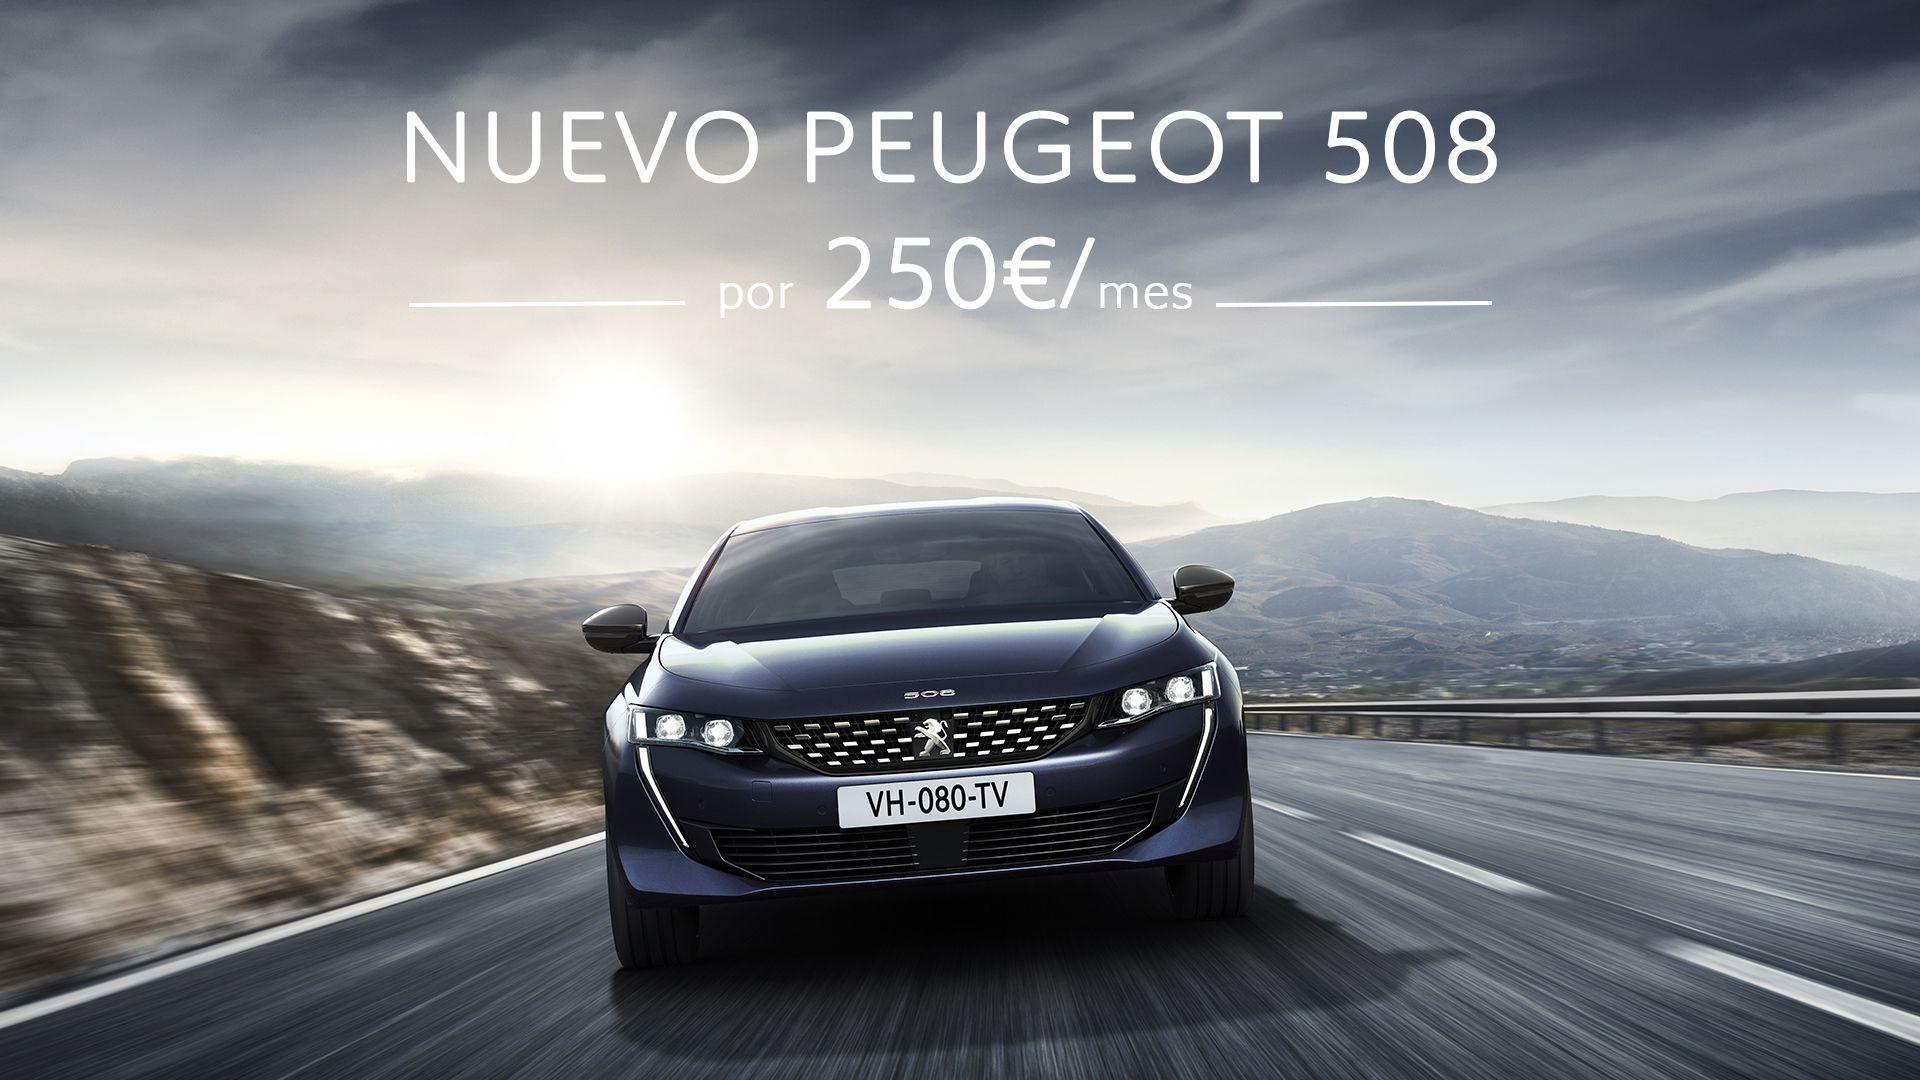 Conduce el nuevo Peugeot 508 por 250€/mes